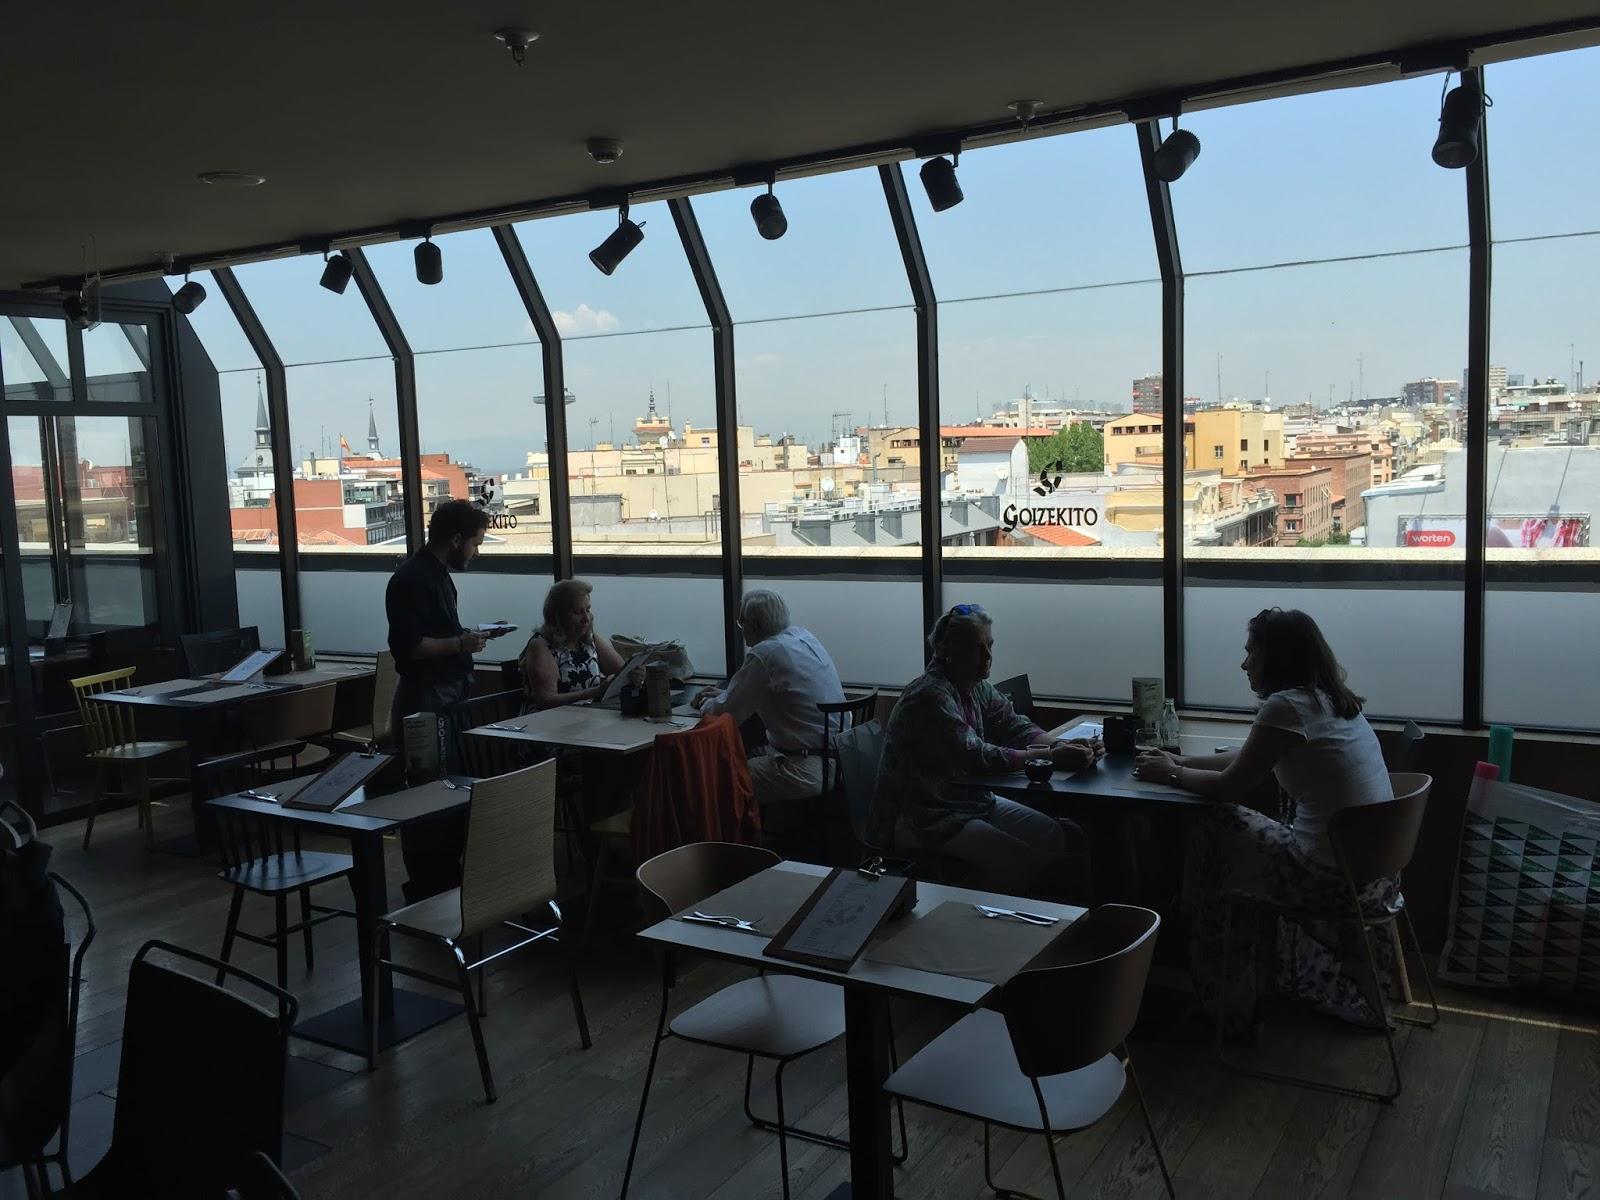 De restaurantes rc goizekito no le llam is for Oficinas corte ingles madrid